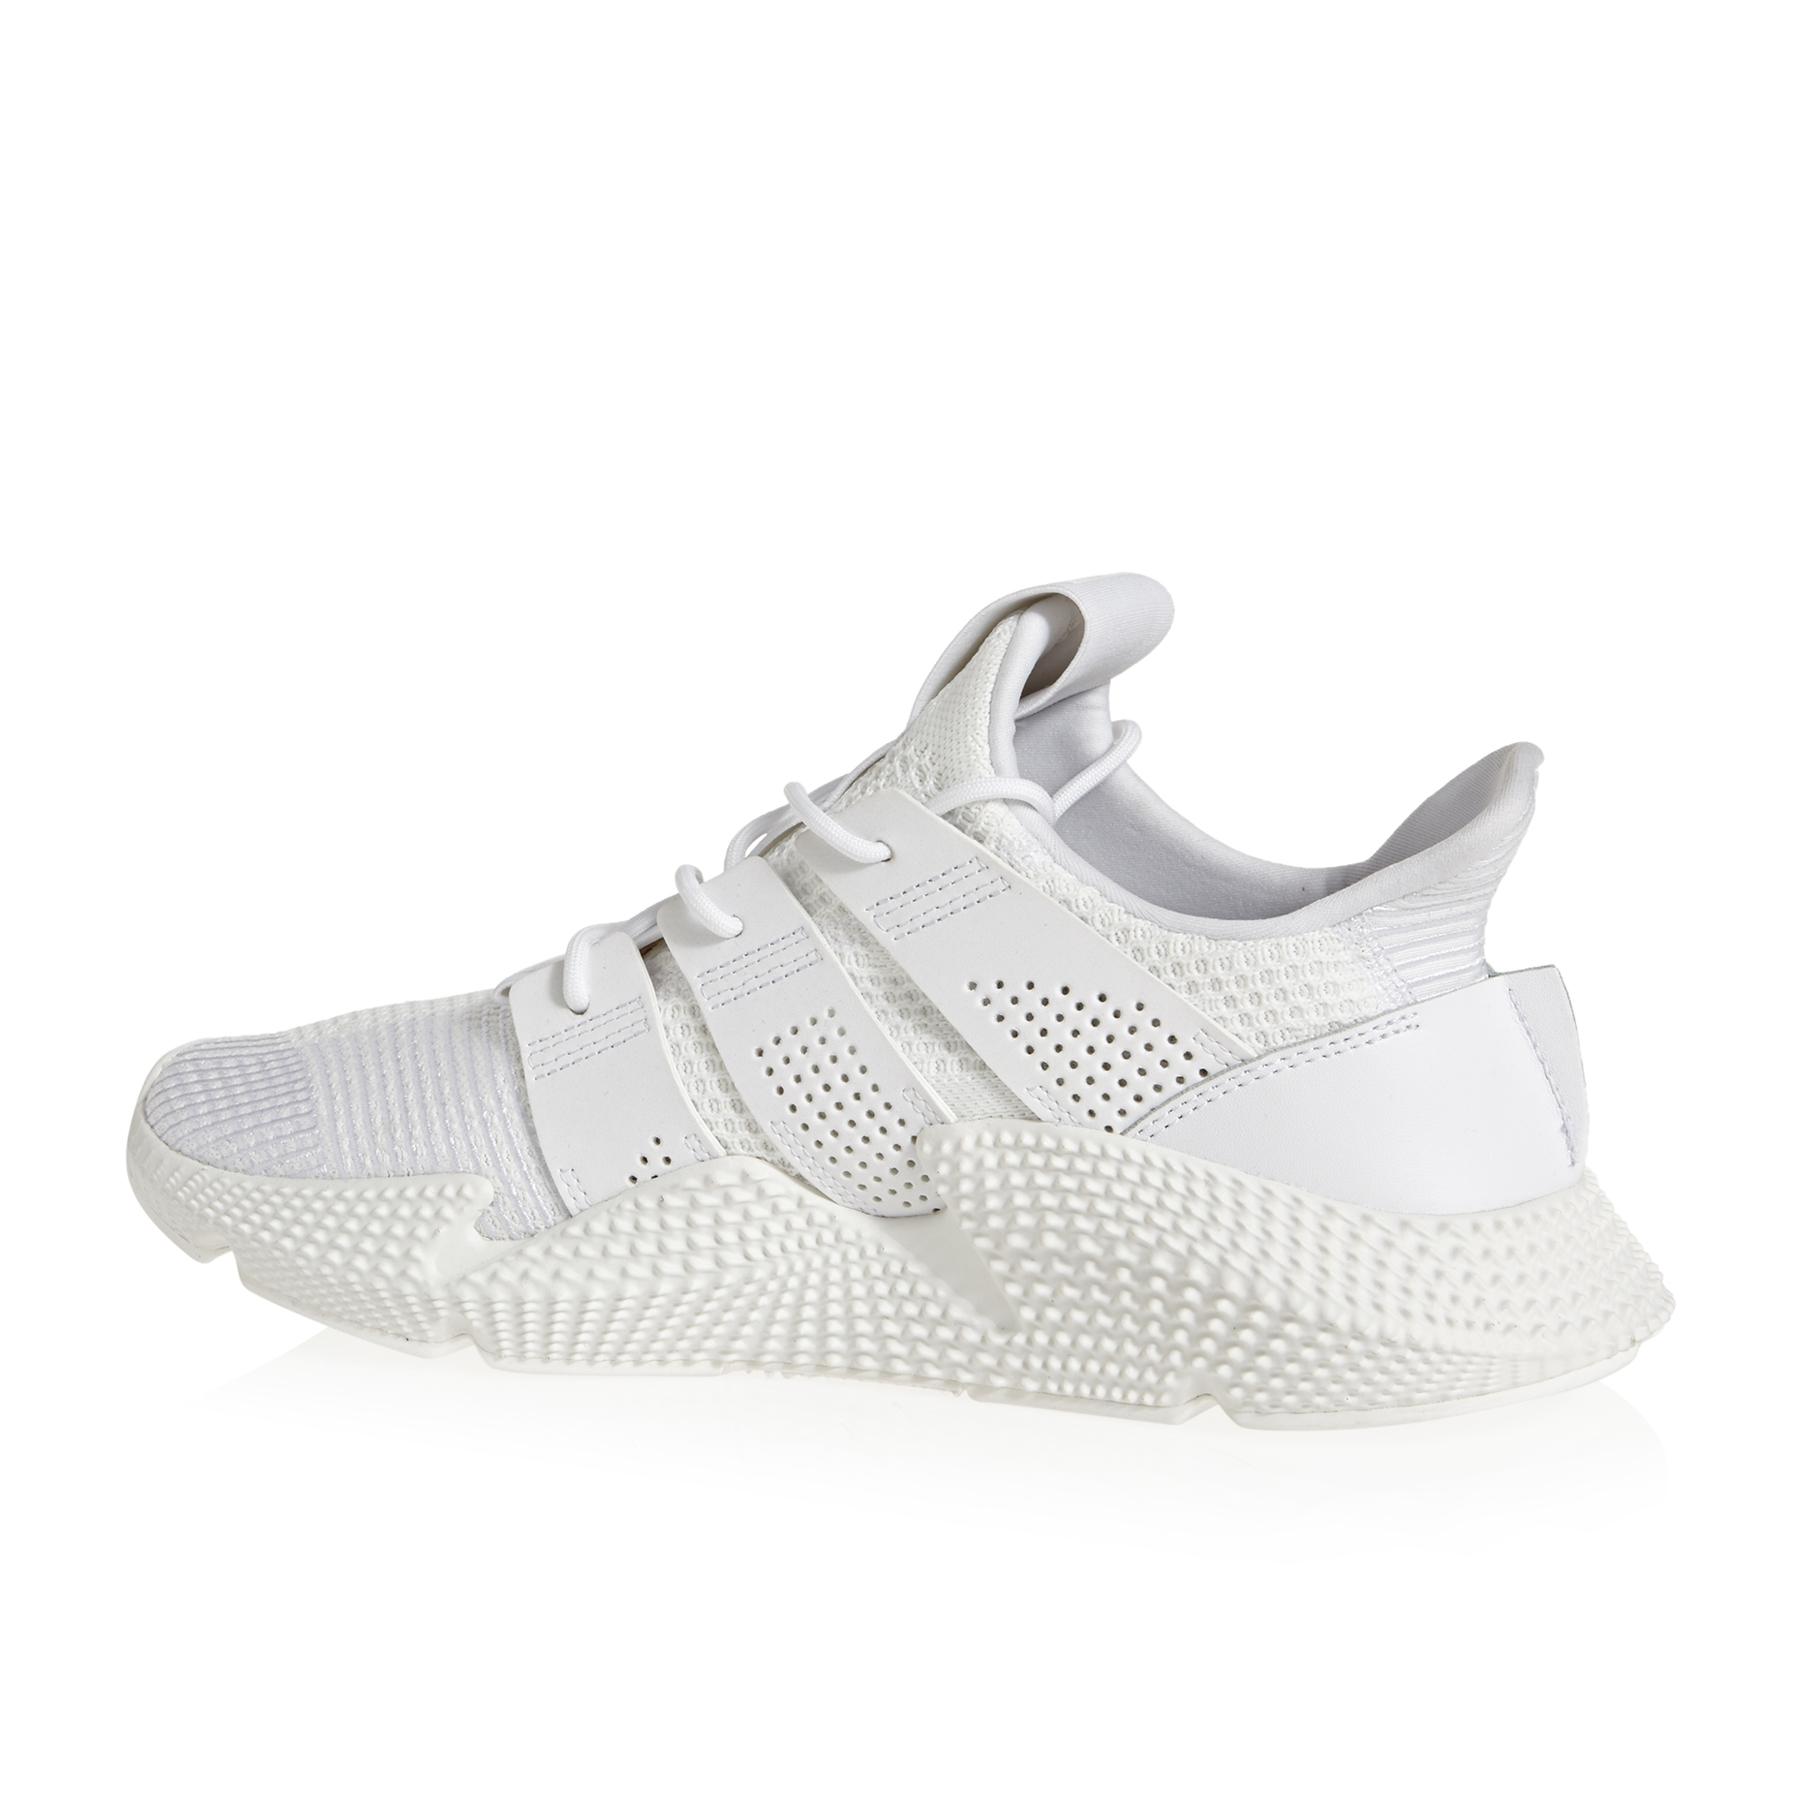 Adidas Originals Sneaker Prophere Weiß Herren 48 US13